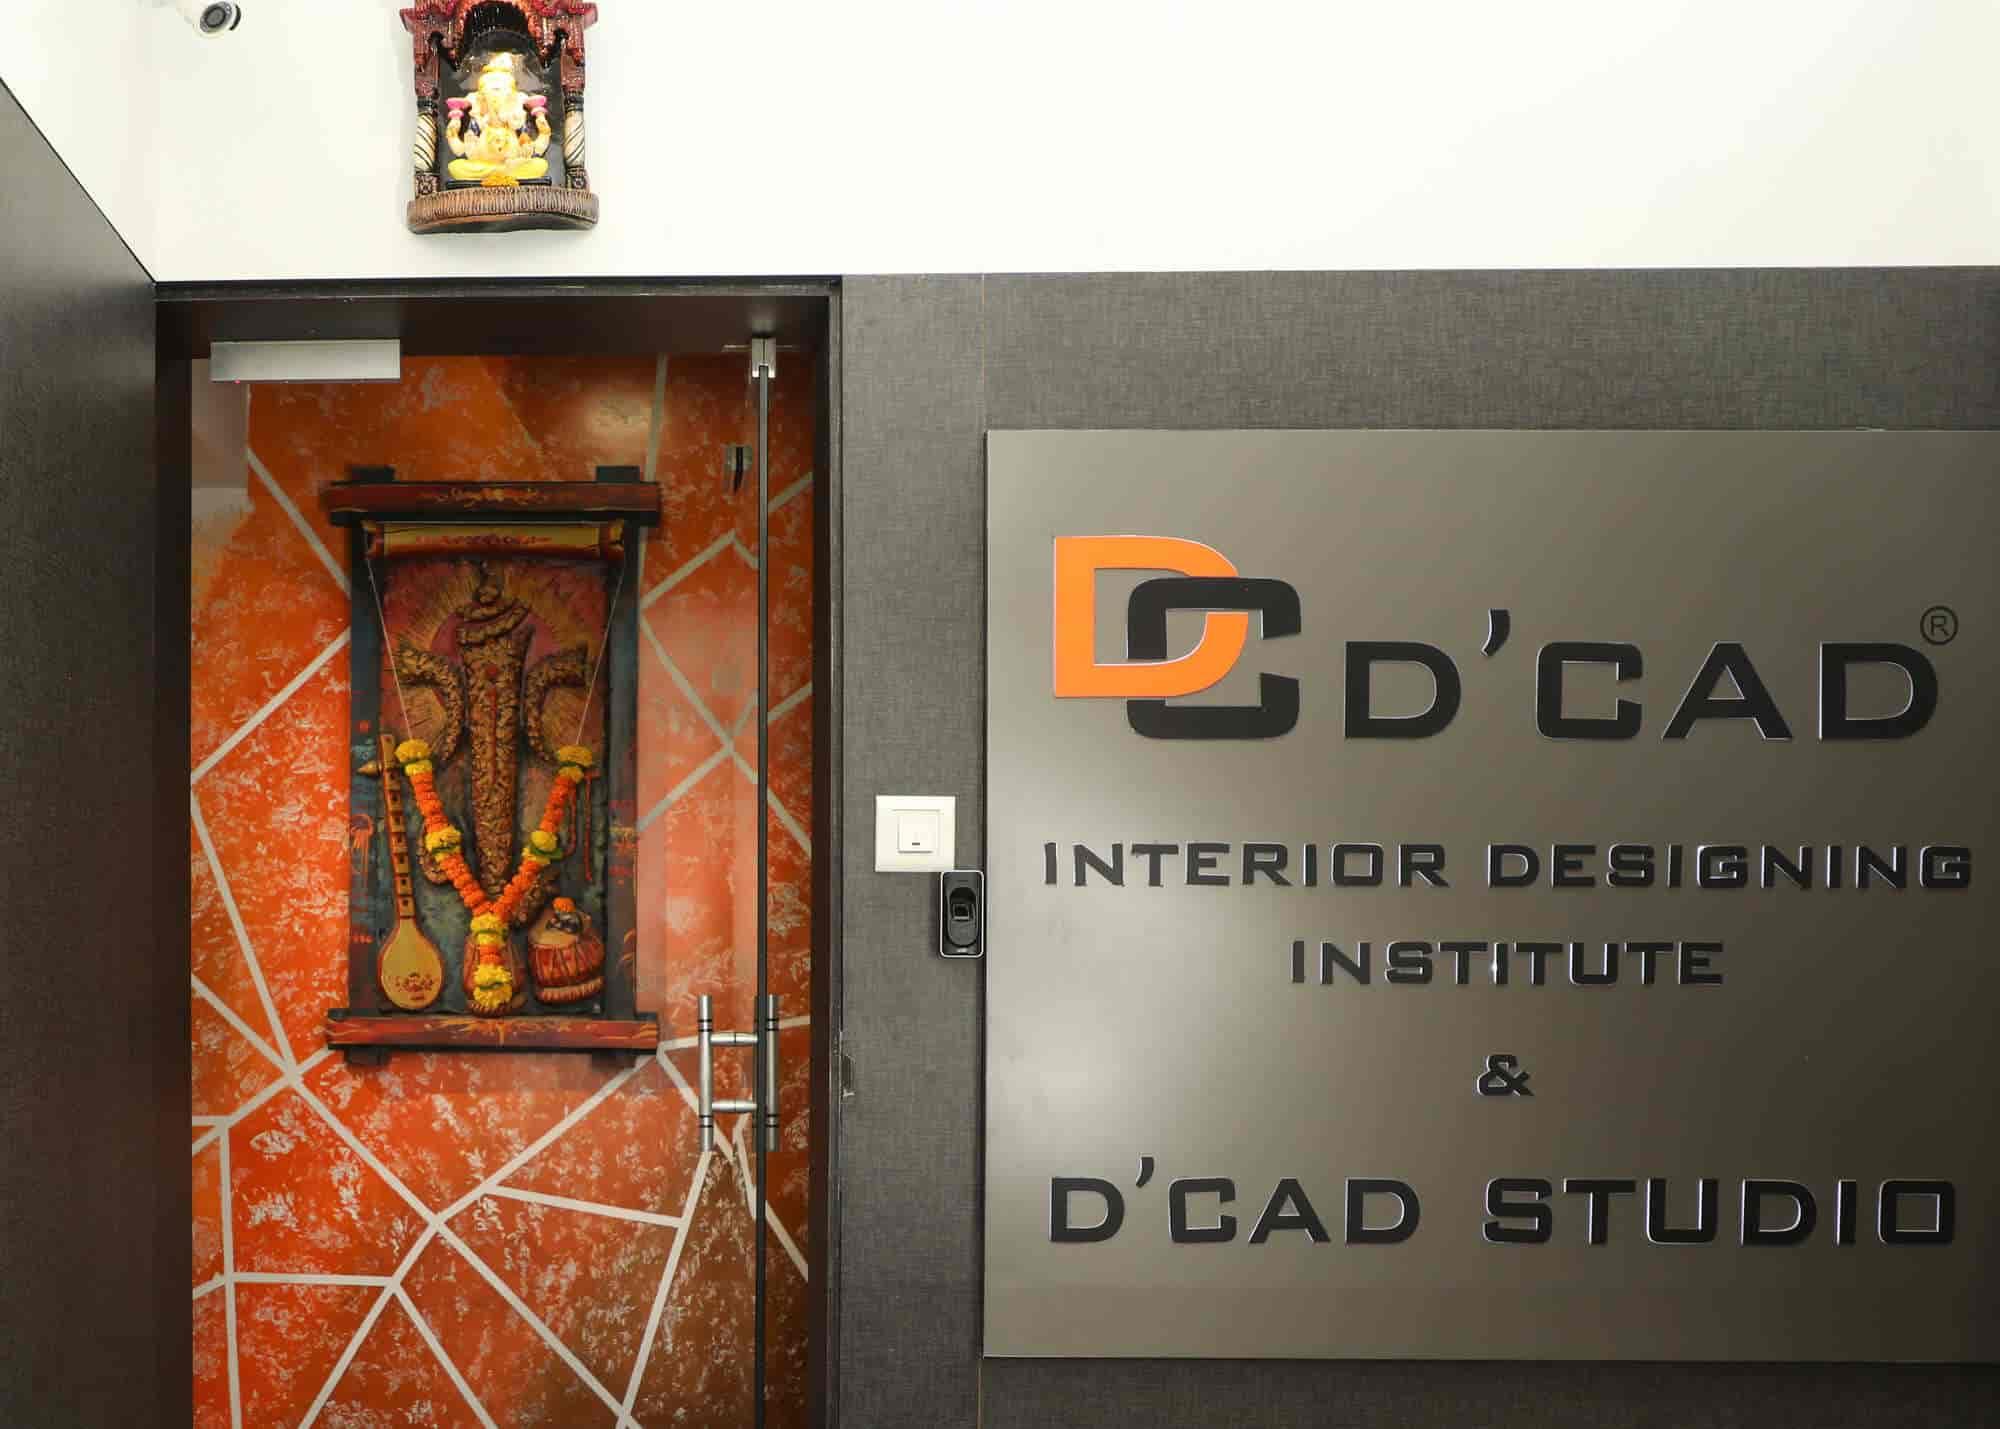 Dcad Computer Interior Designing Institute Photos Borivali West Mumbai Pictures Images Gallery Justdial